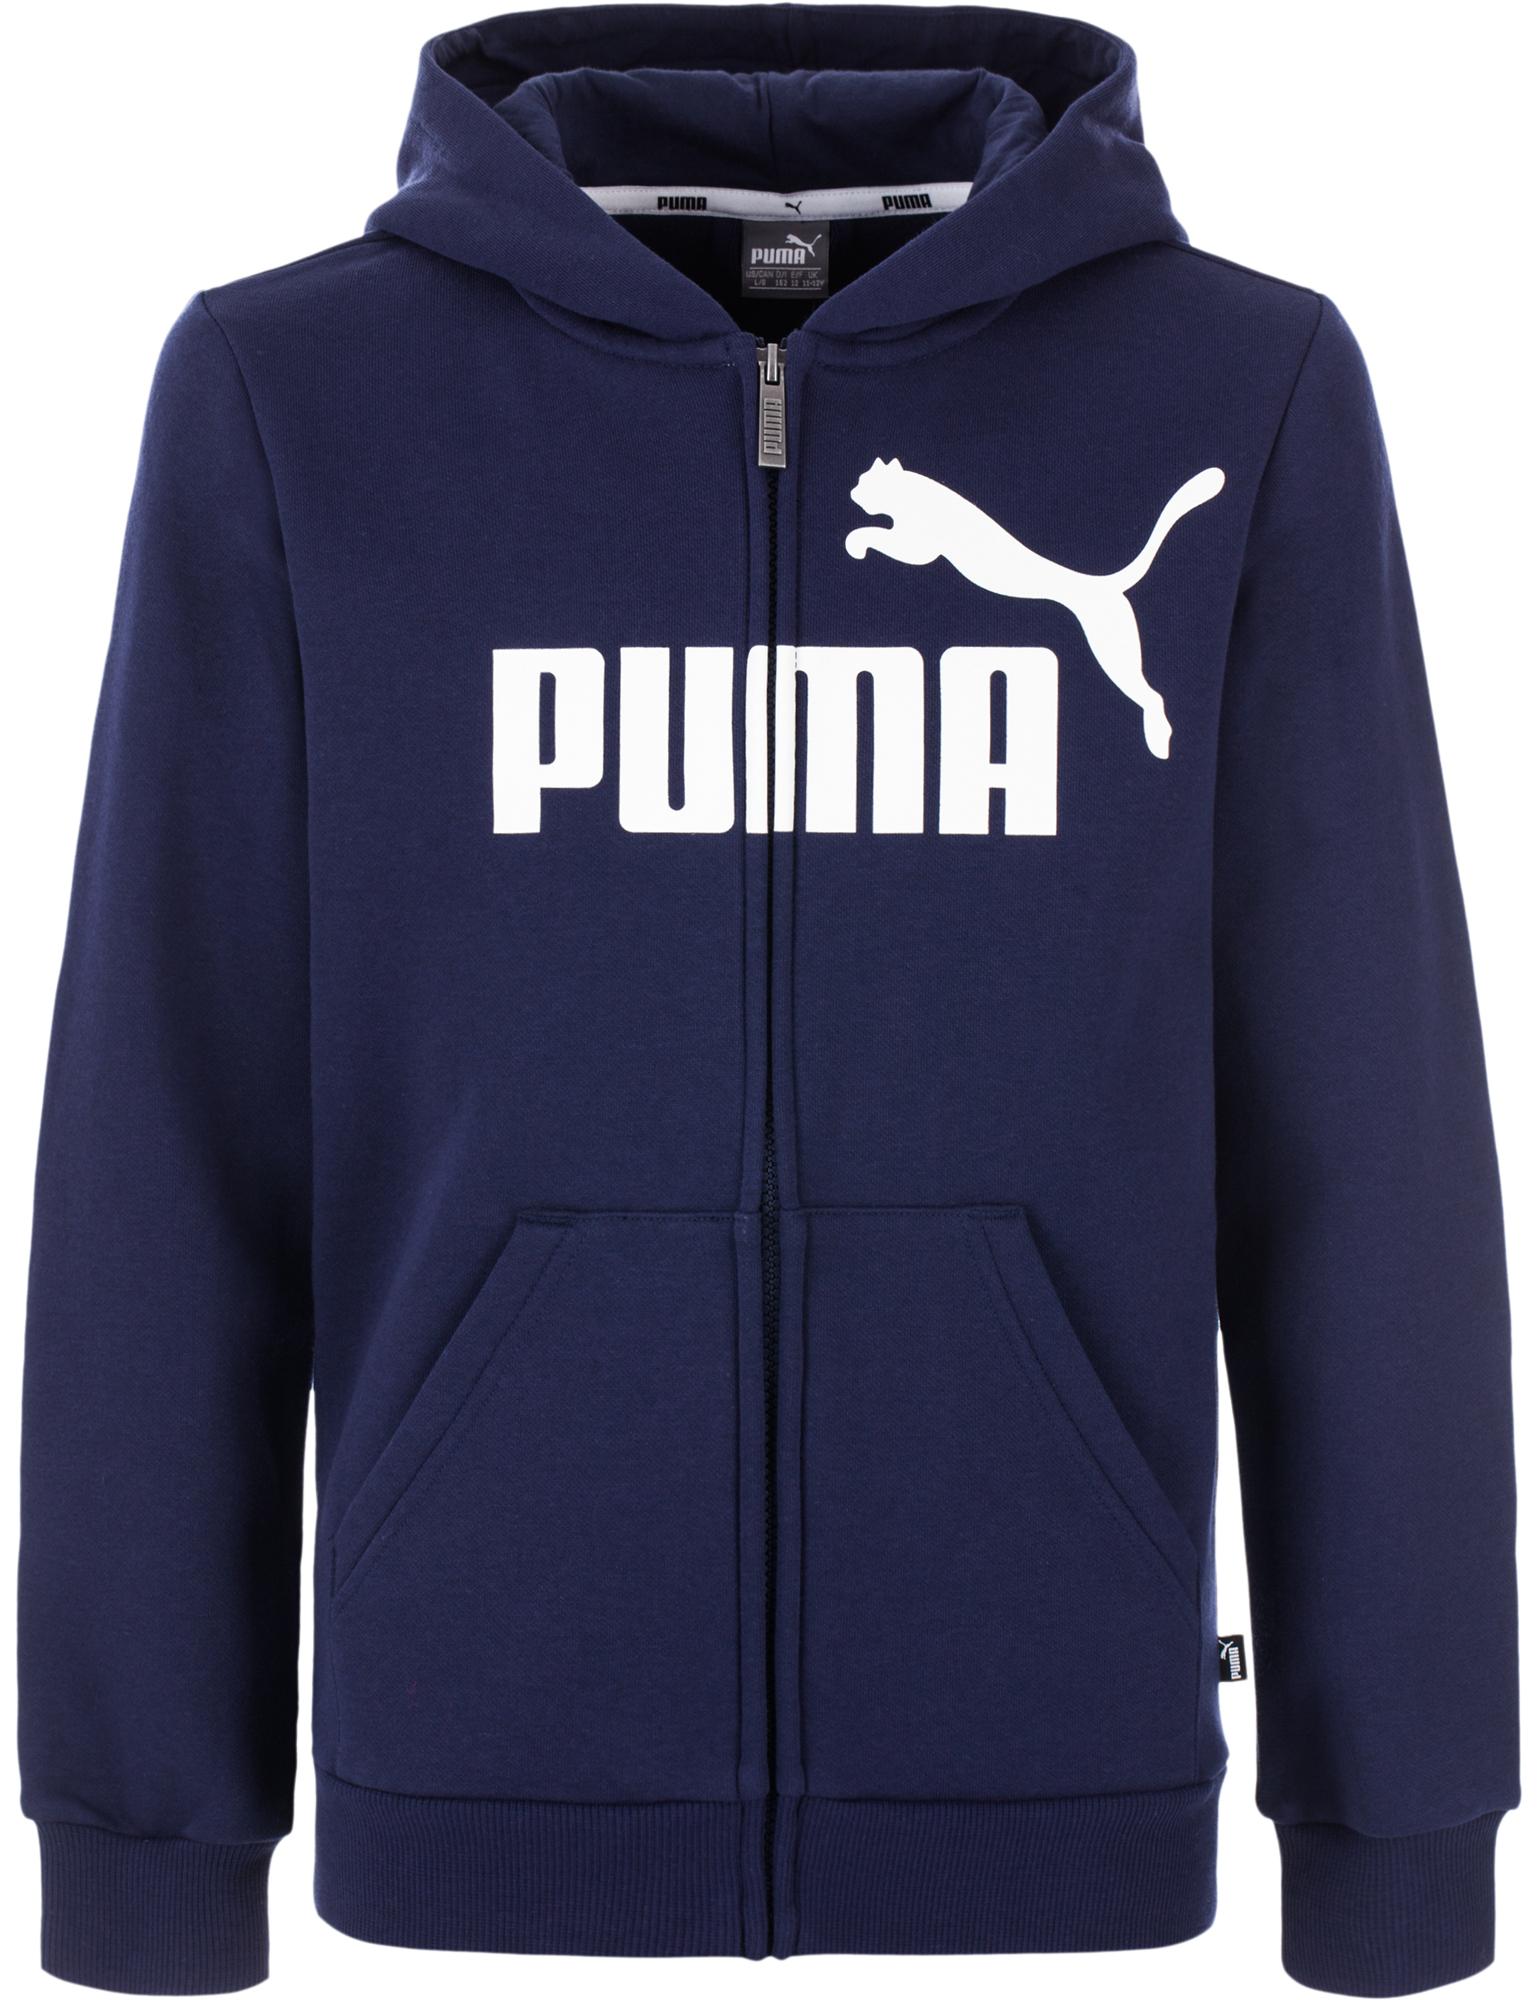 Puma Джемпер для мальчиков Puma ESS Logo Hooded, размер 176